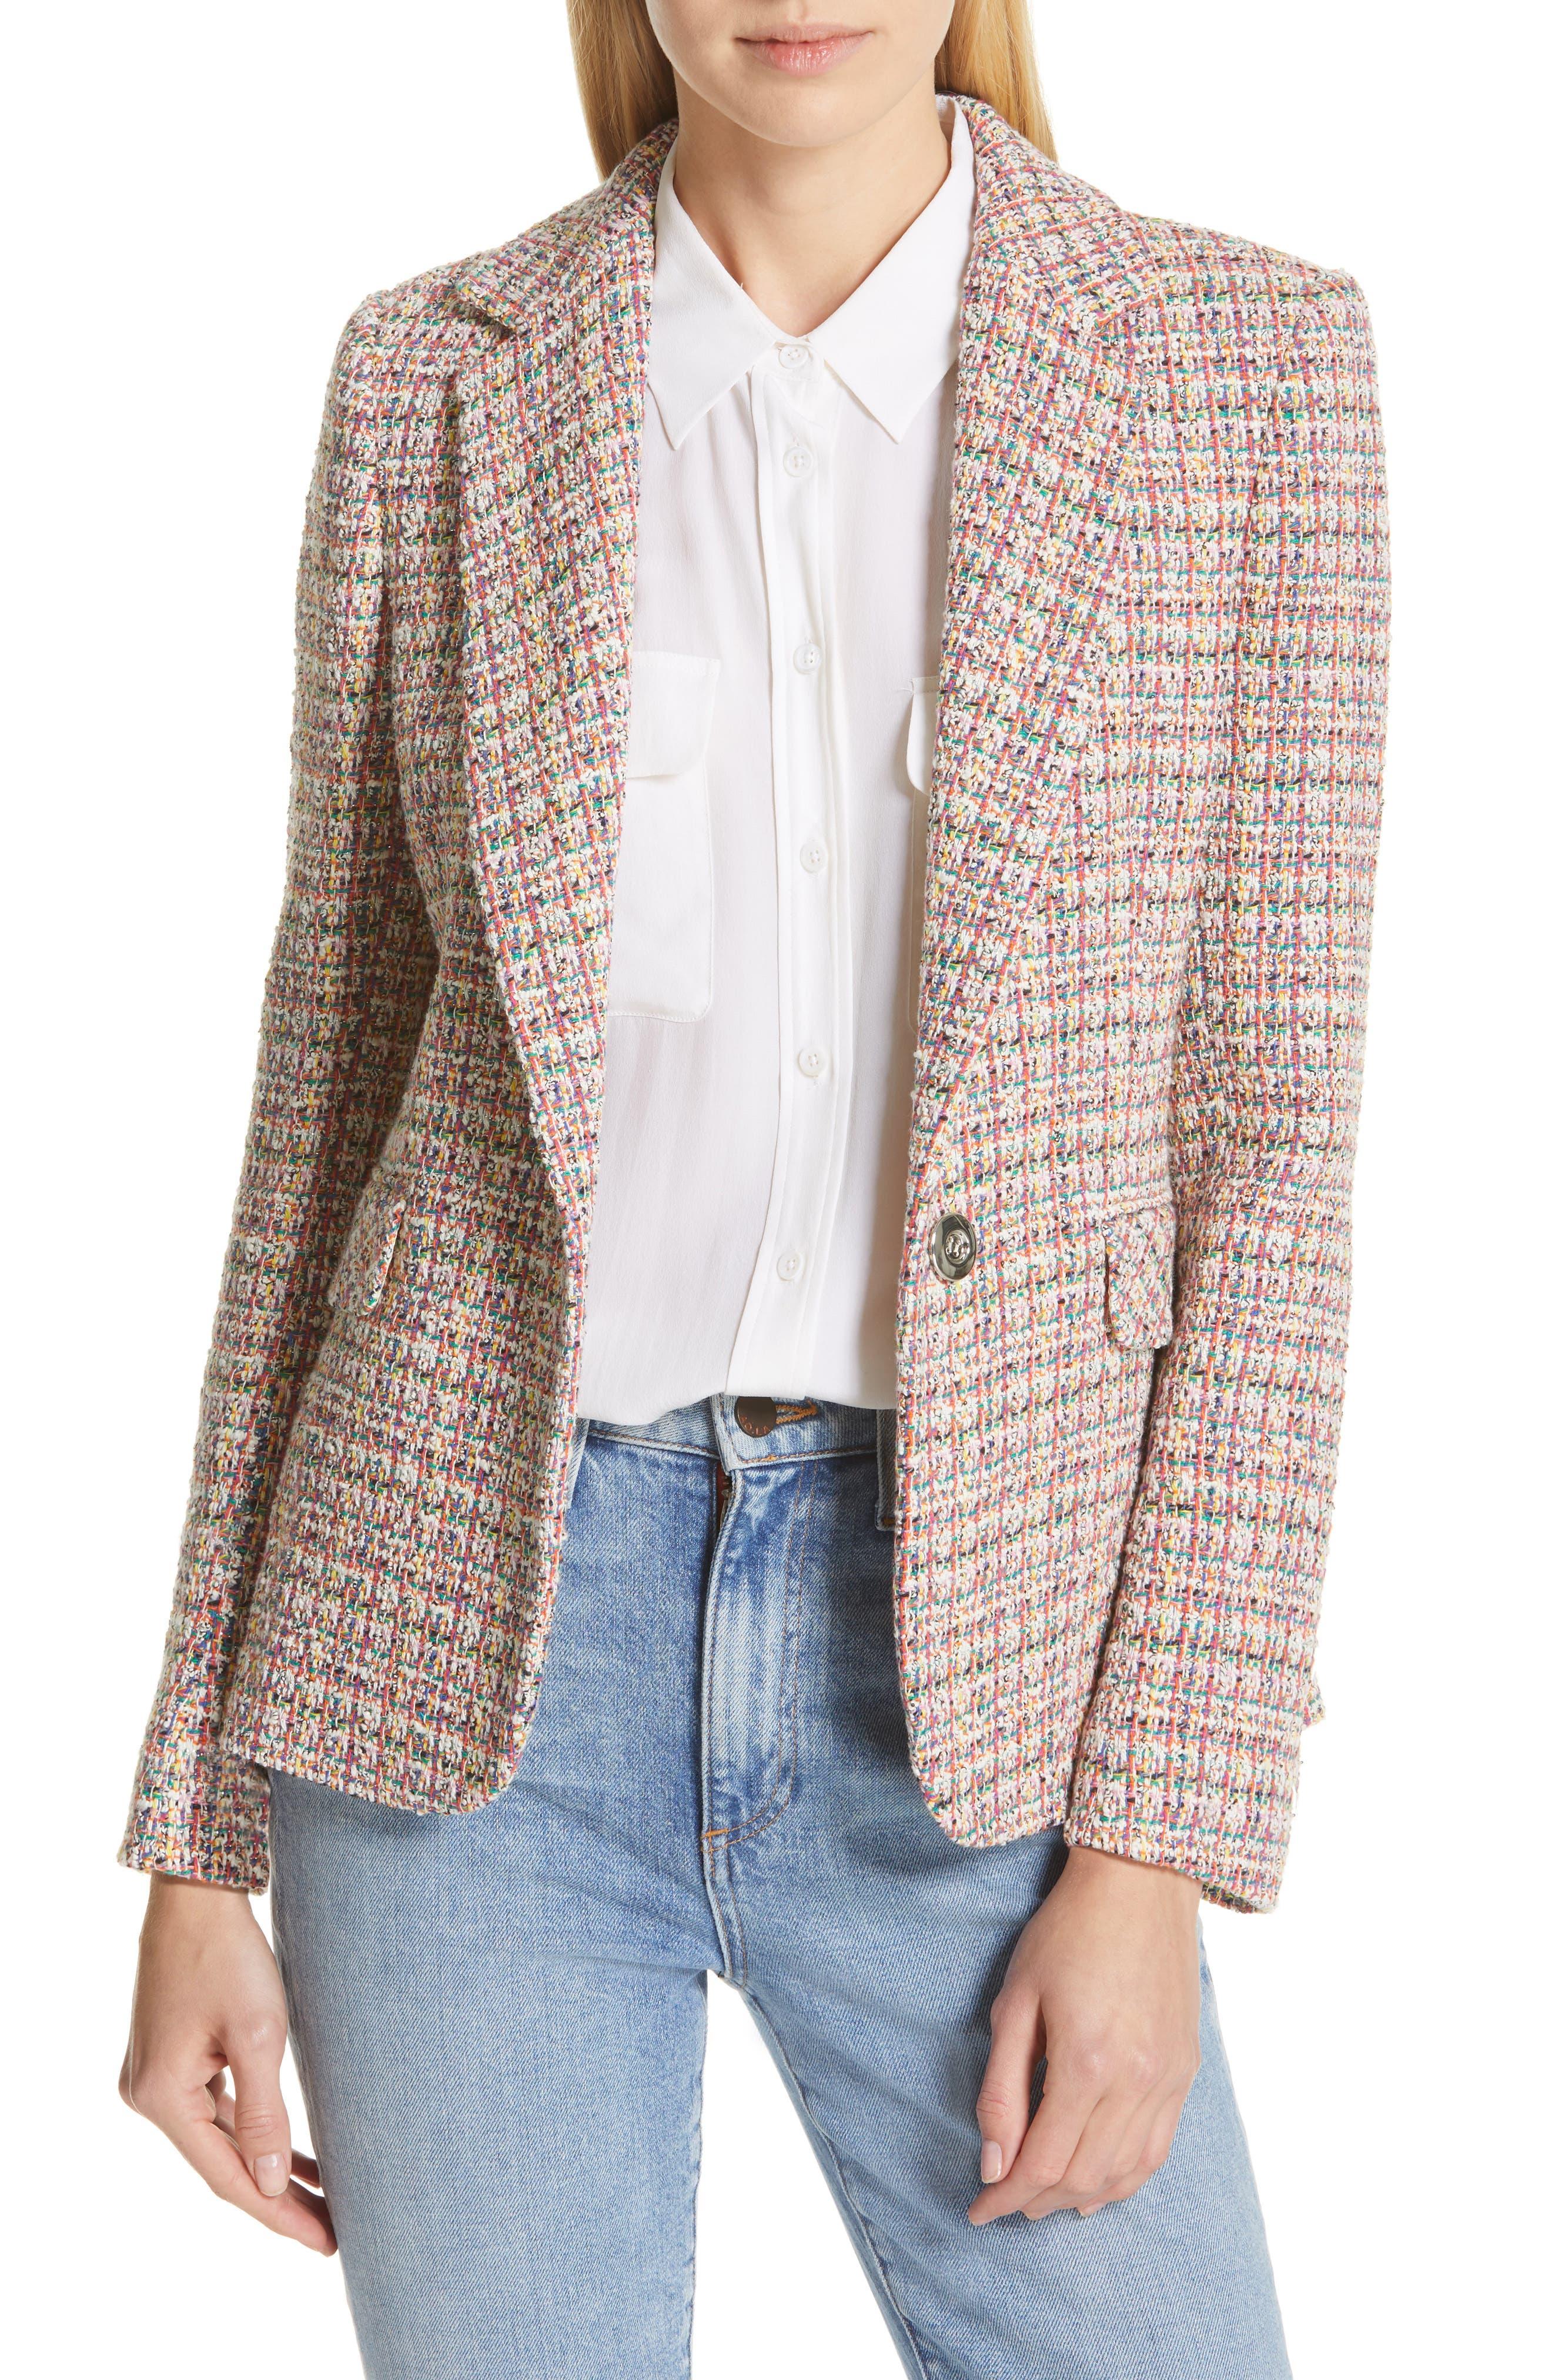 HELENE BERMAN Colorful Tweed Blazer, Main, color, ORANGE